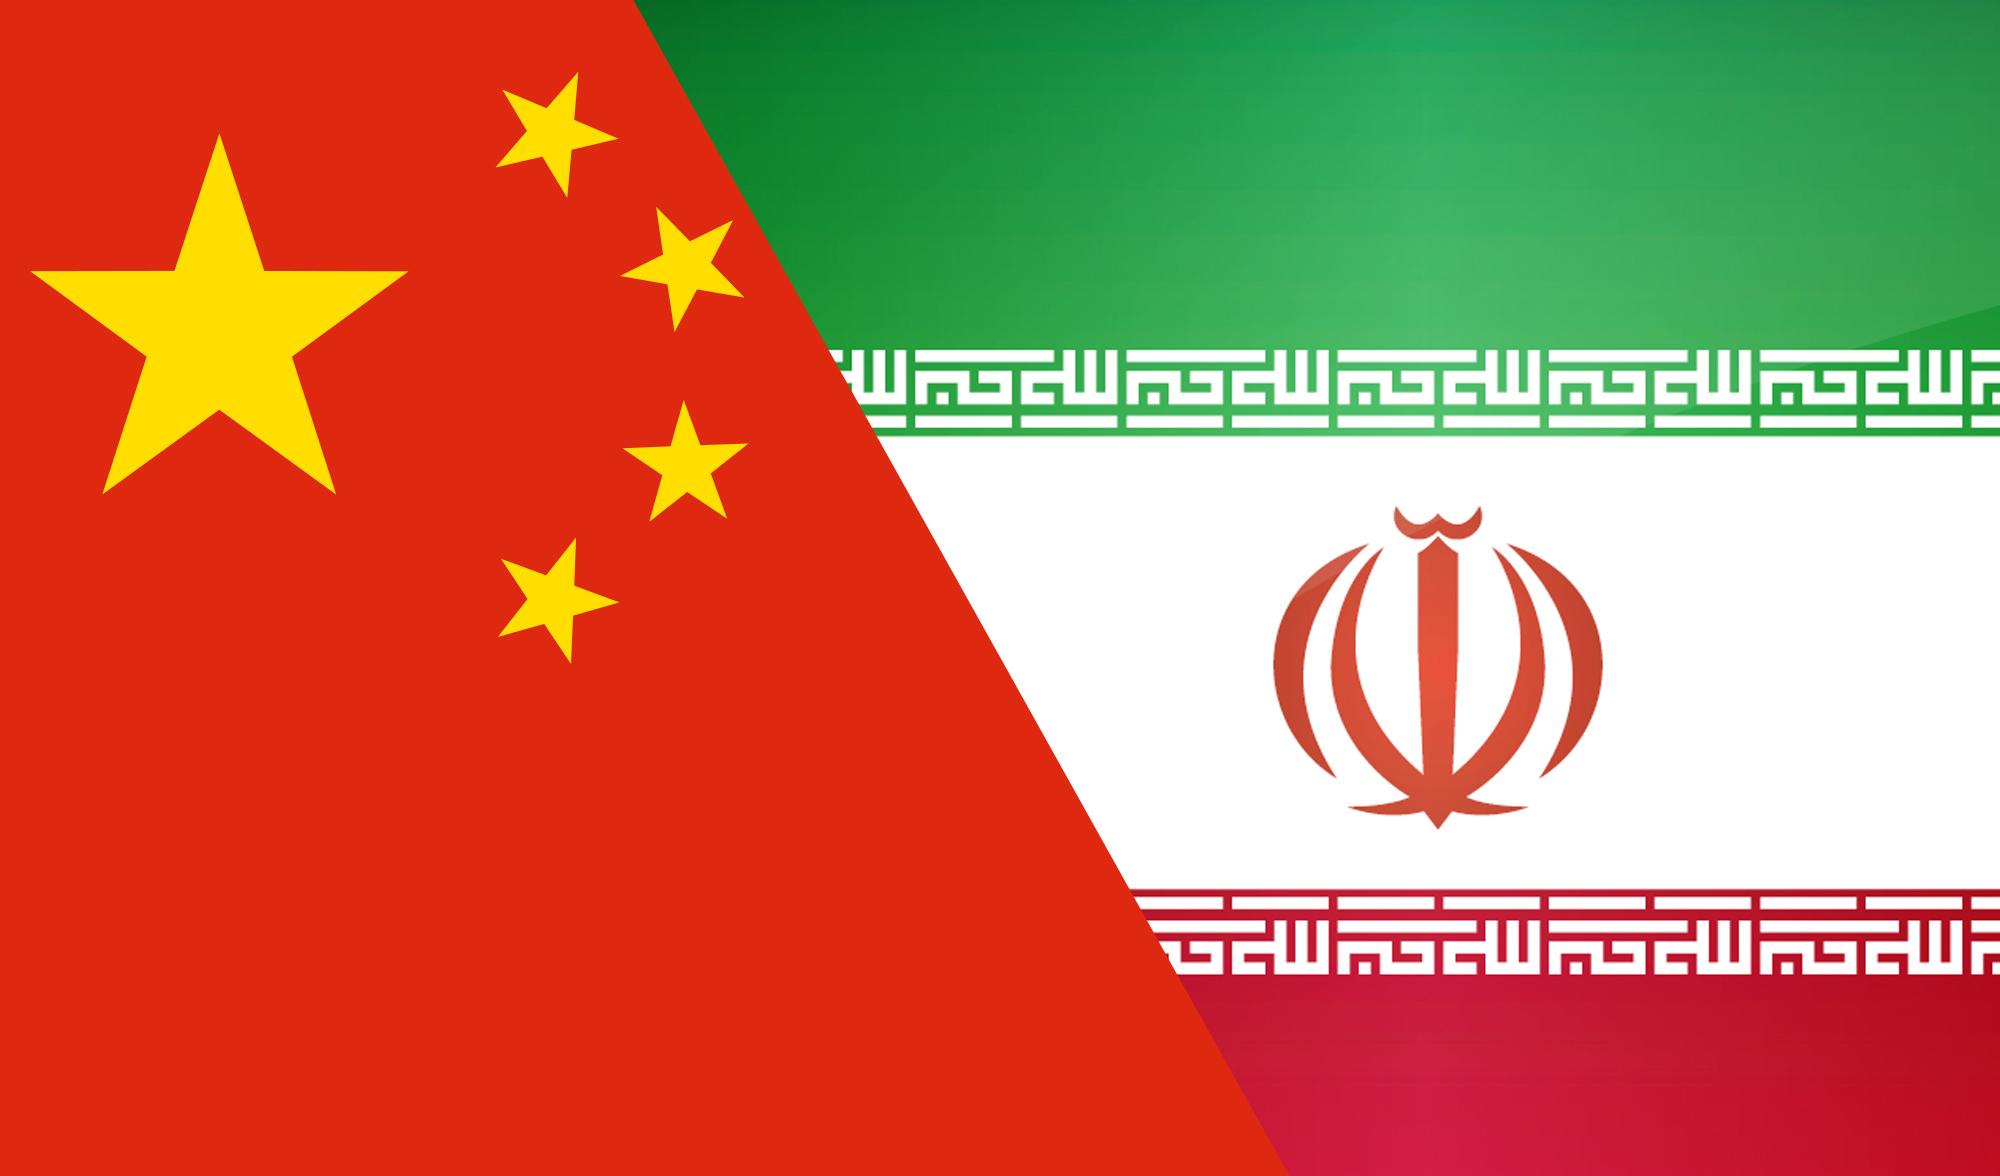 روابط اقتصادی با ایران مشروع و قانونی است